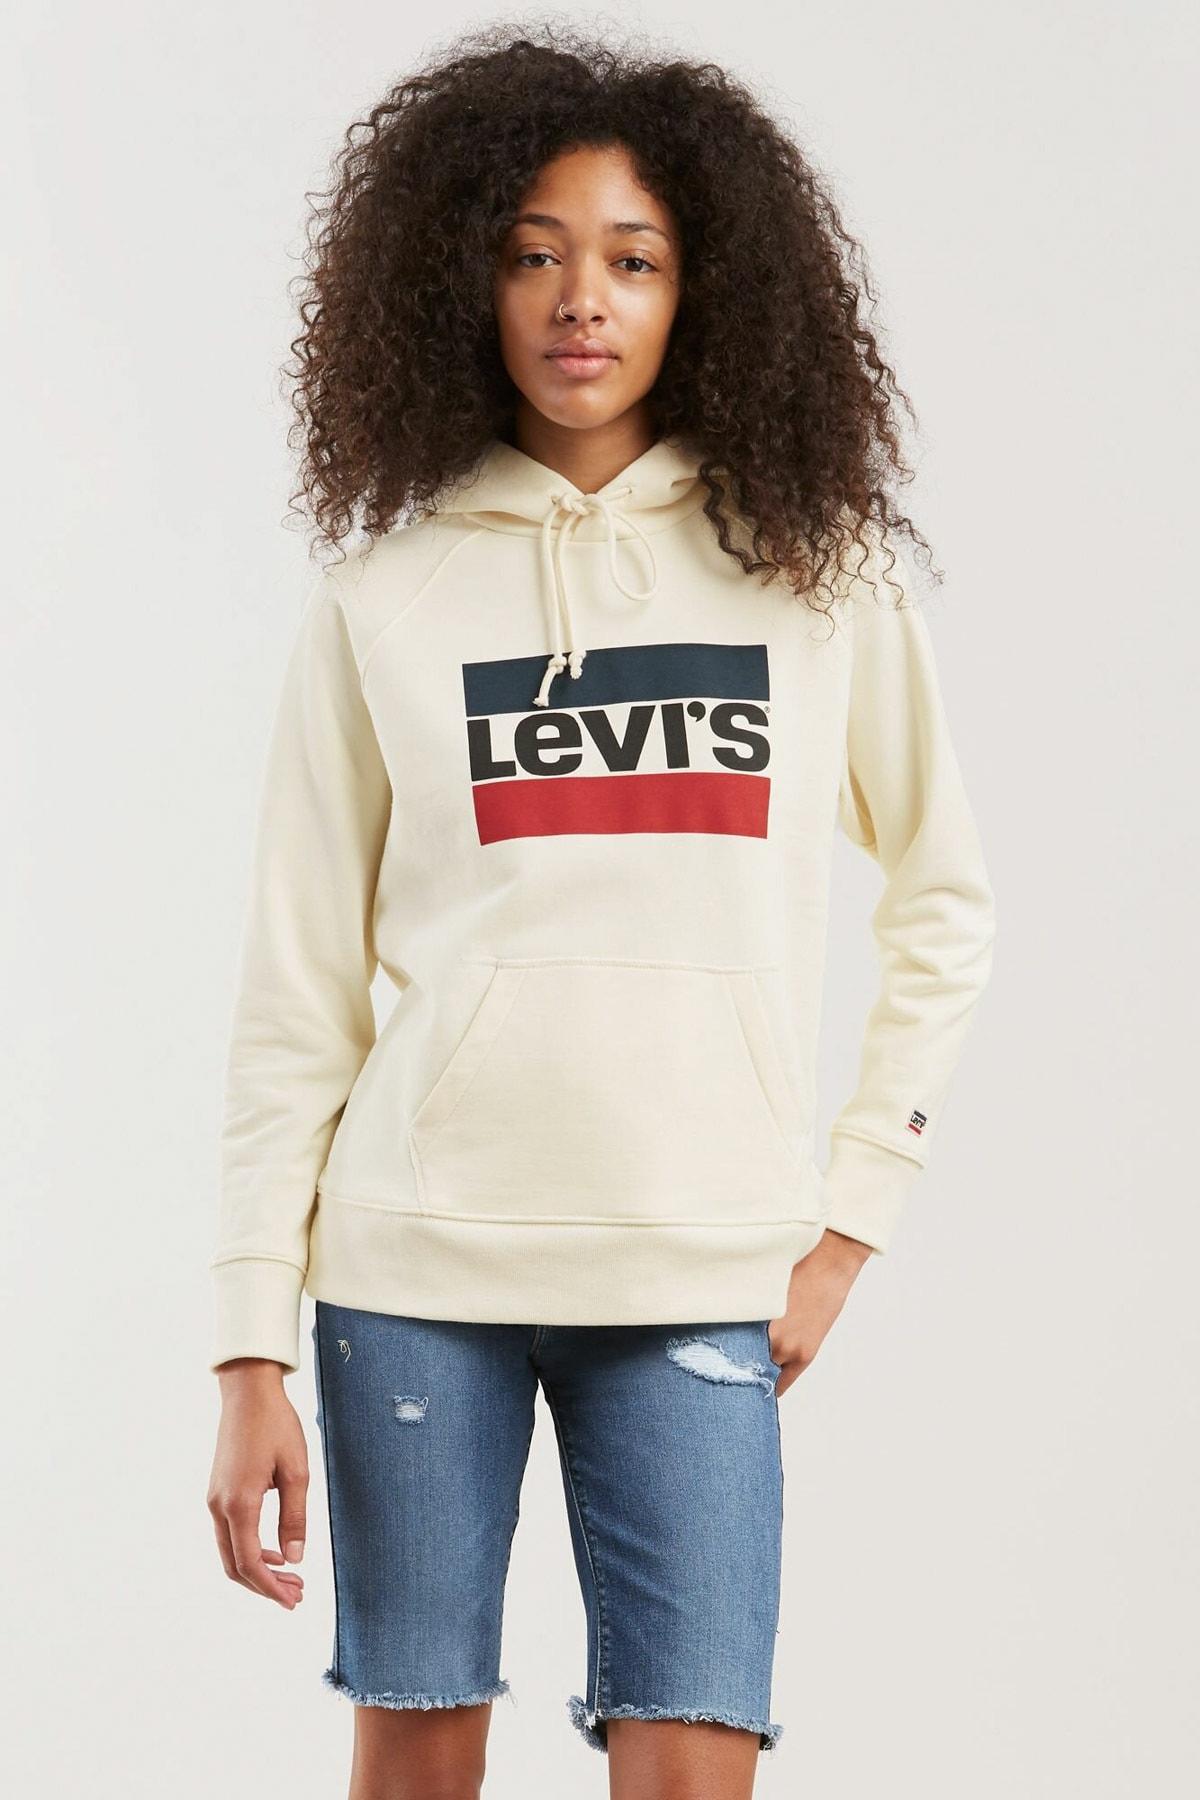 Levi's Kadın Beyaz Sweatshirt 35946-0001 1